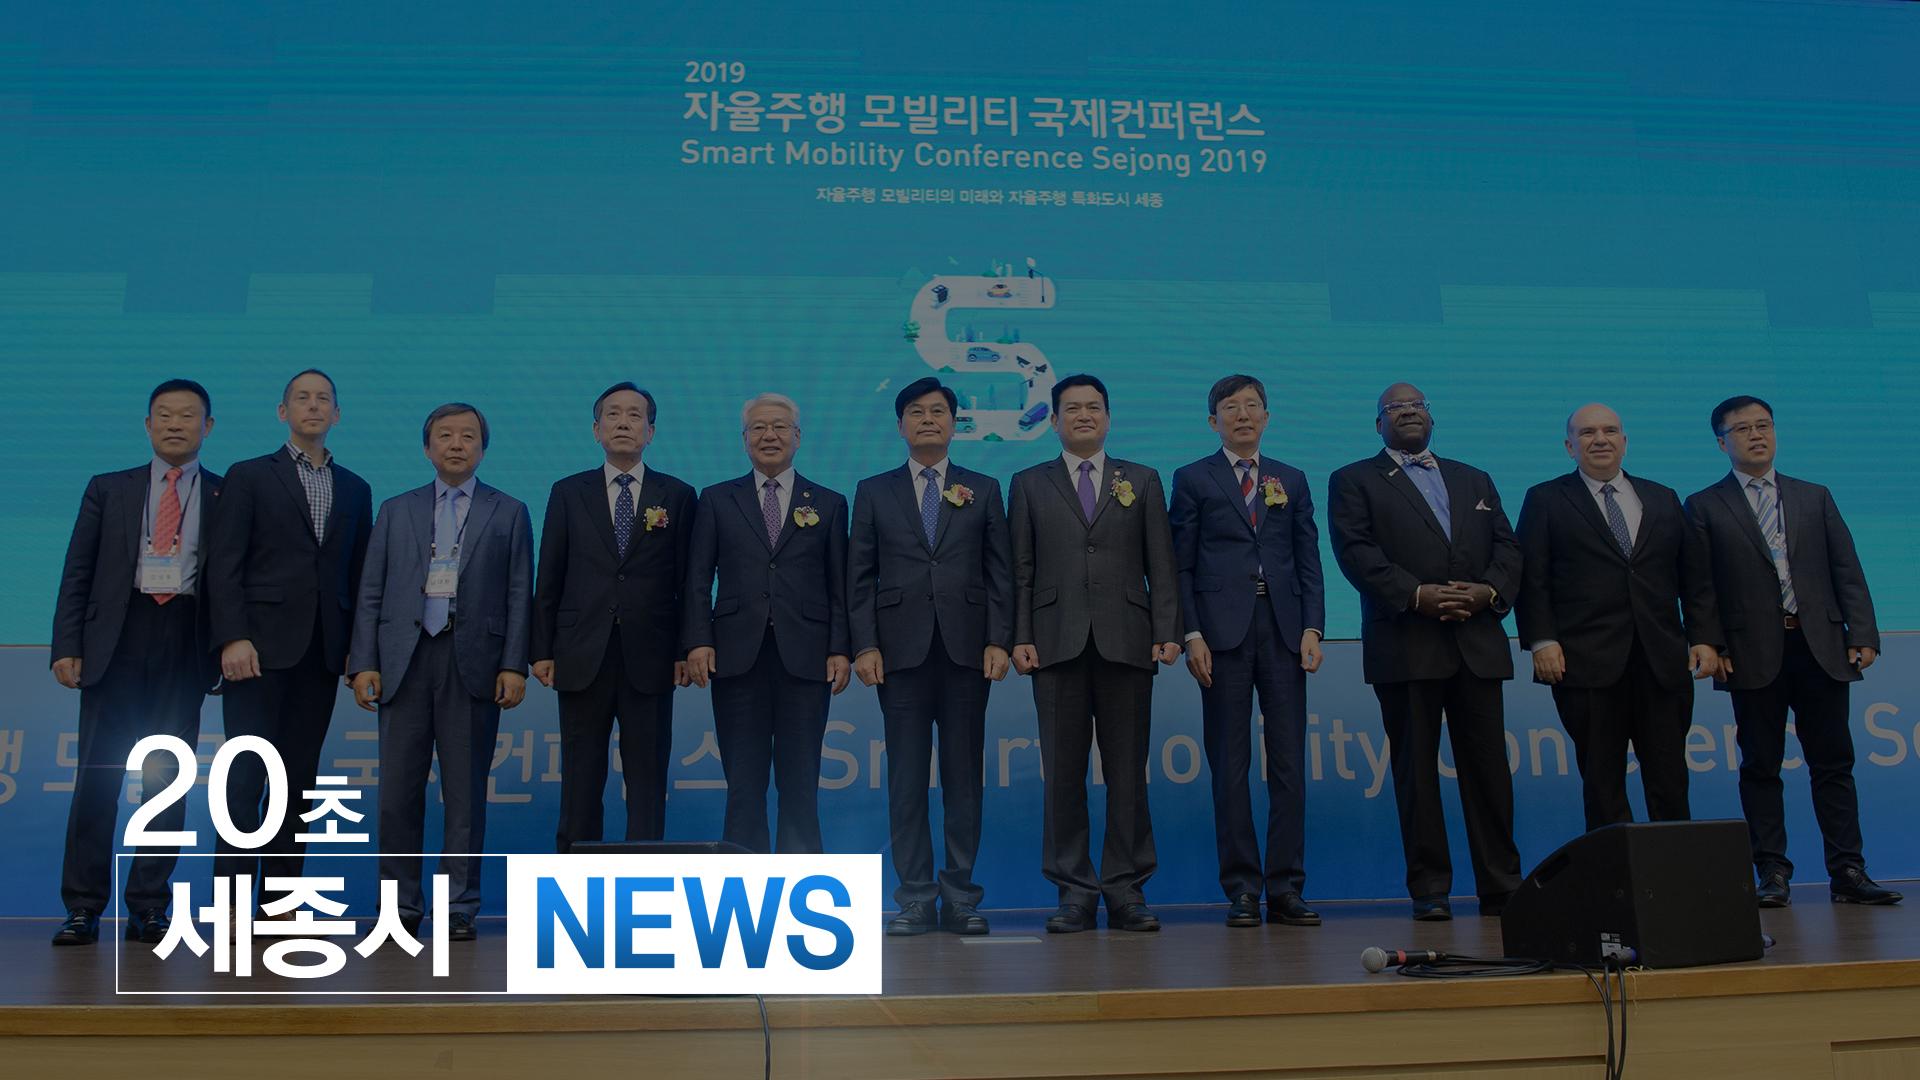 <20초뉴스> 국토부·세종시, 자율주행 기반 대중교통 서비스 첫 발